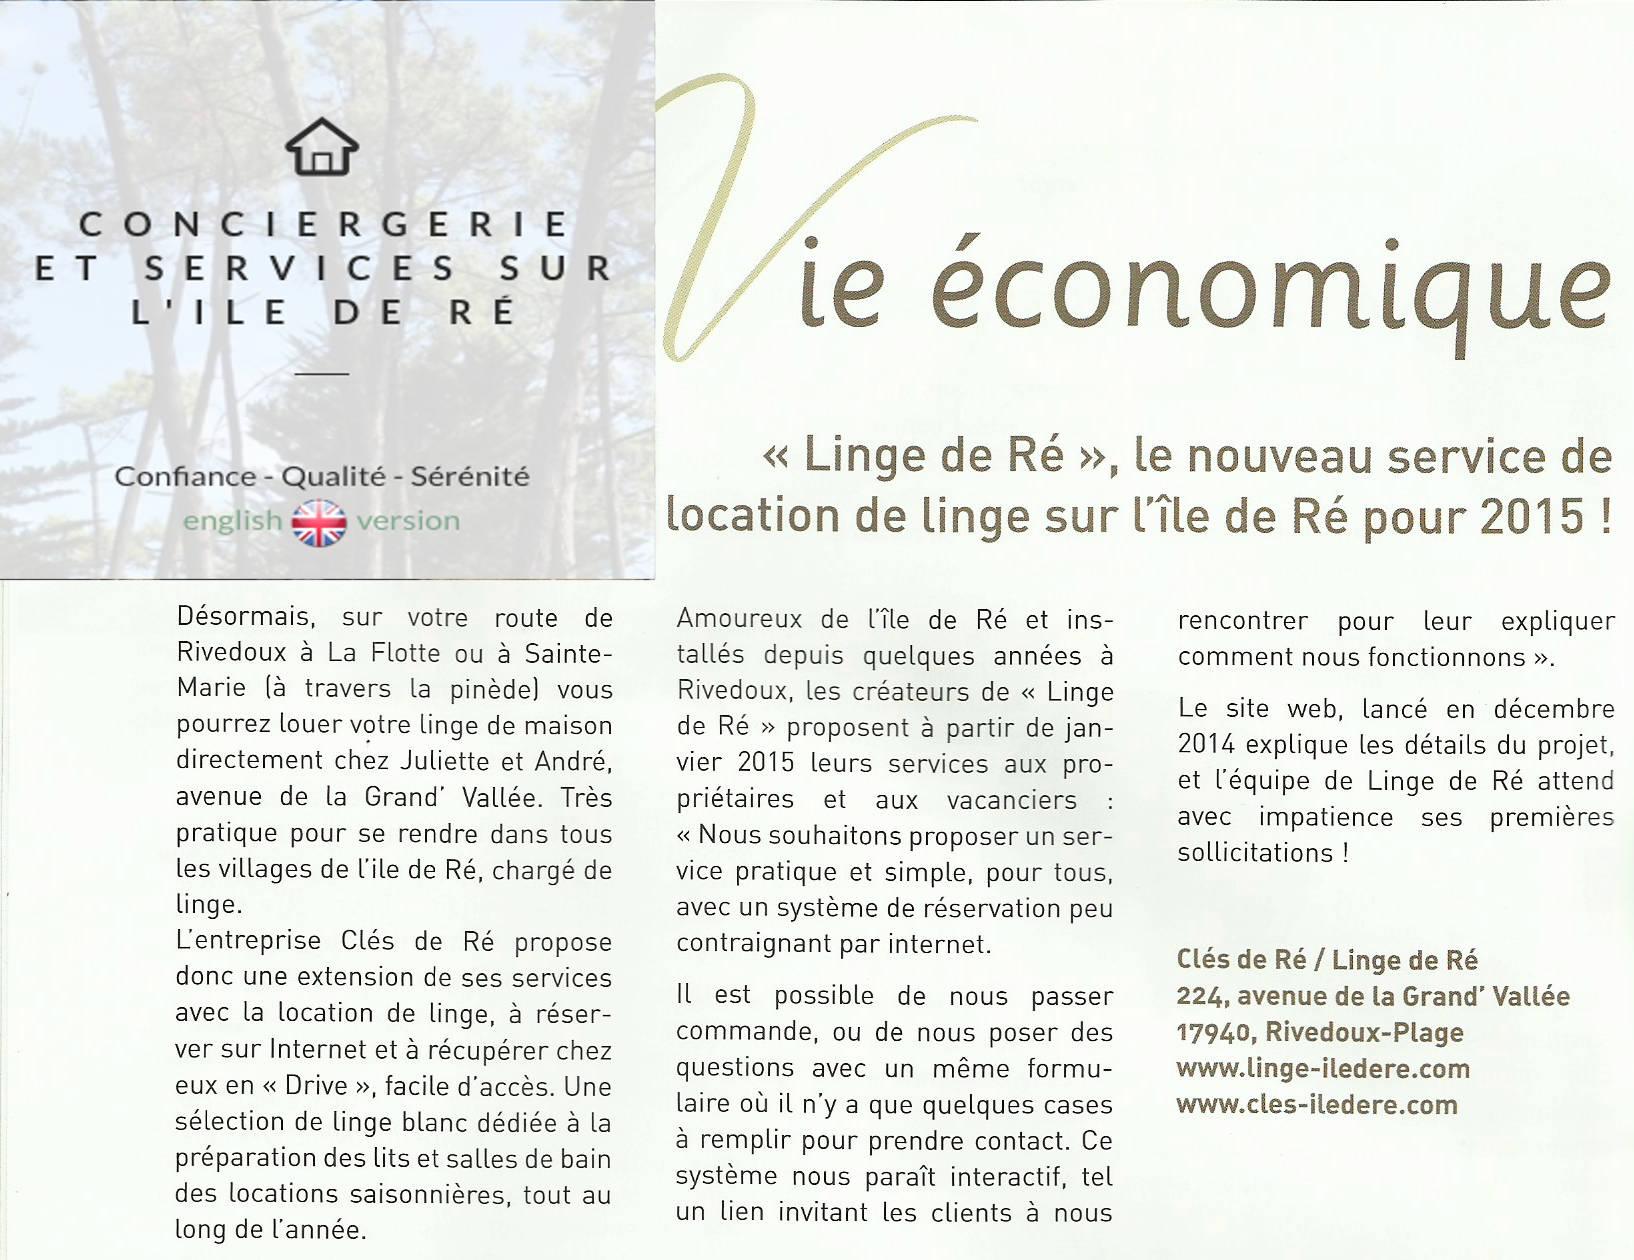 Rivedoux Pages parle de nos services sur l'ile de Ré